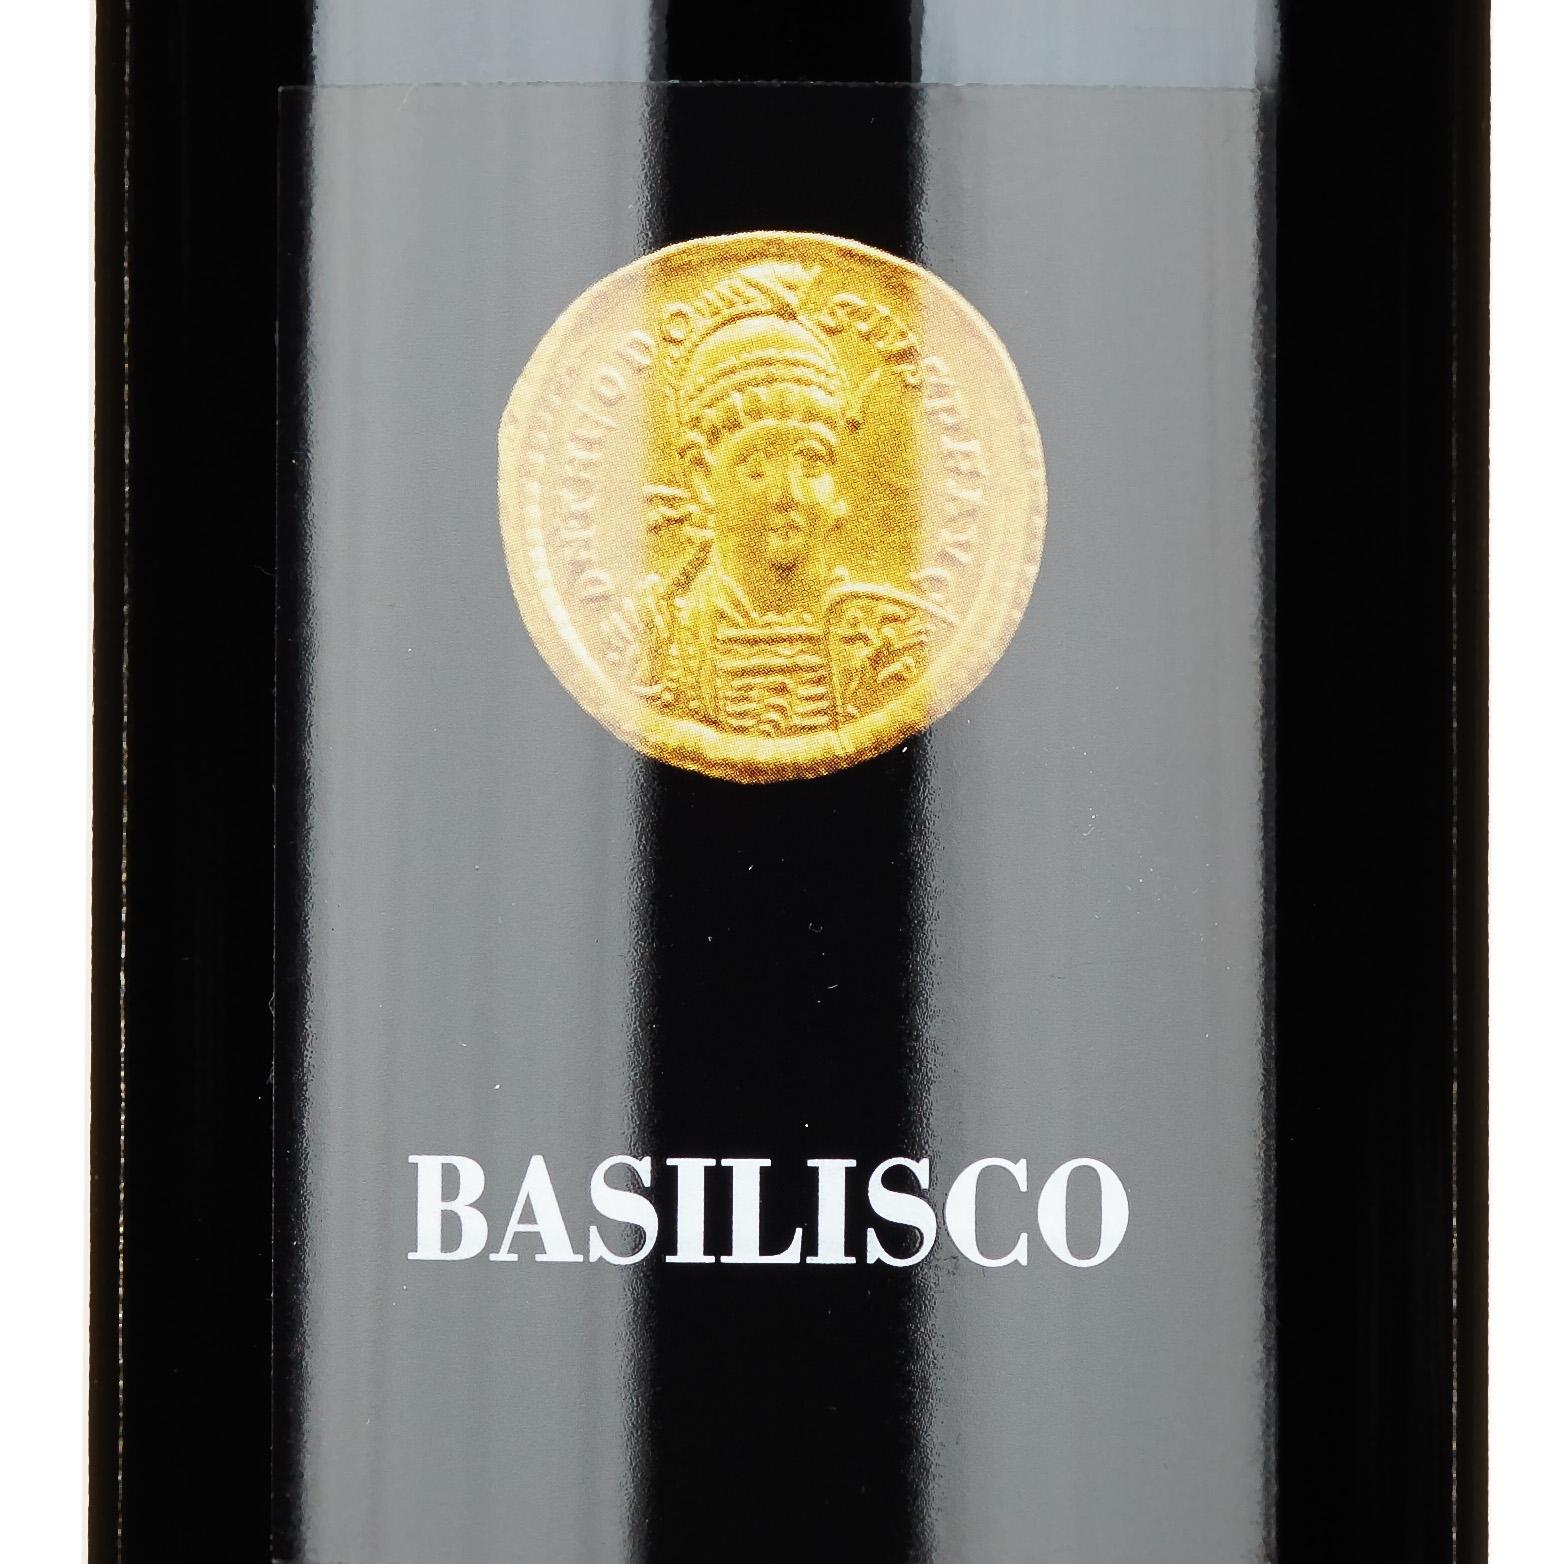 Basil docs coupons